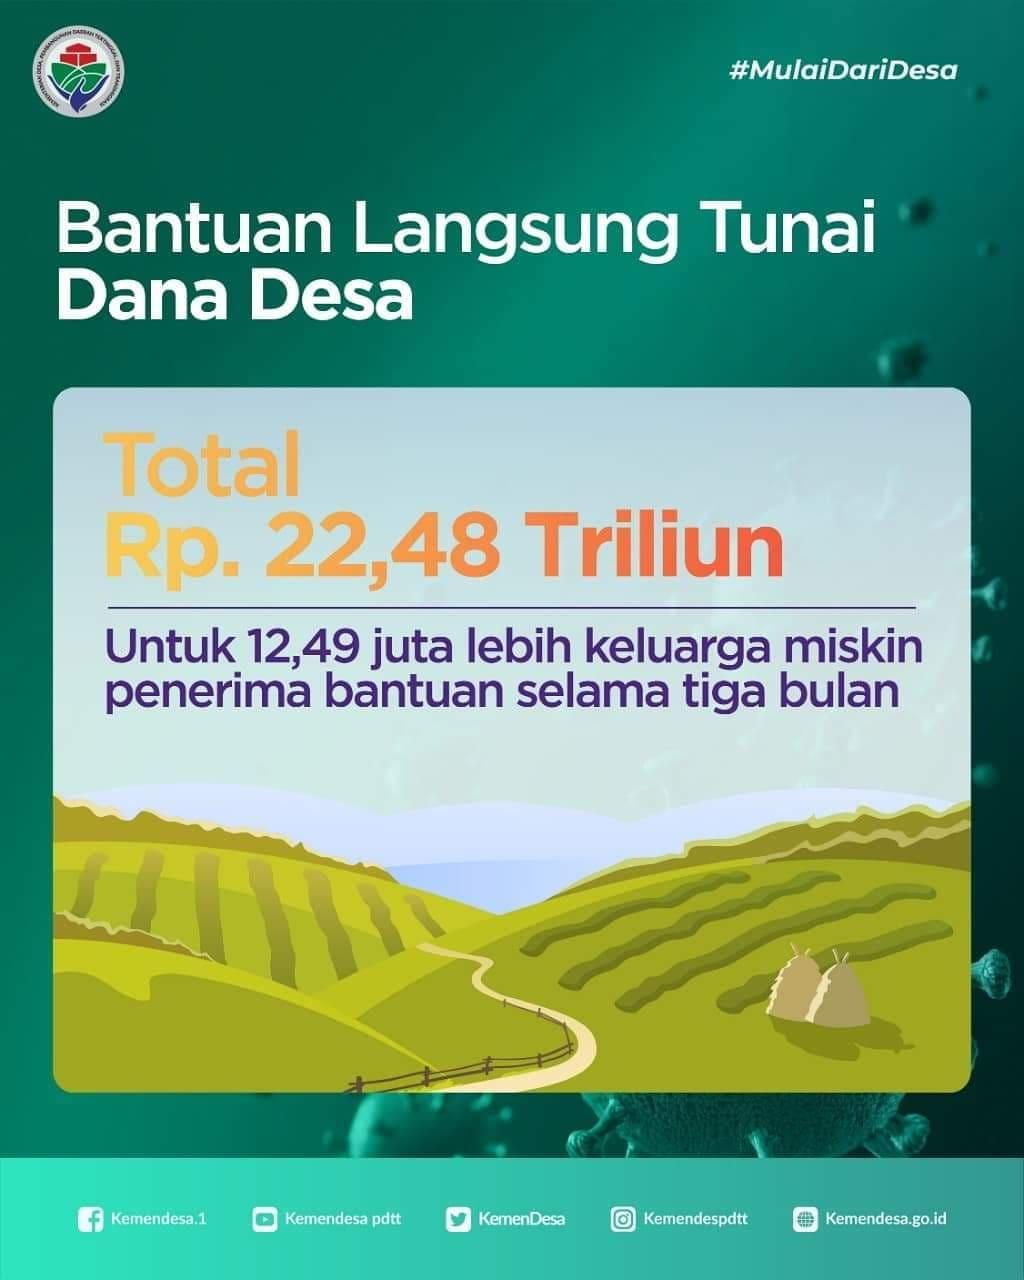 Mendes PDTT Intruksikan Kepala Desa Di Seluruh Indonesia Agar Segera Bagikan BLT Dana Desa